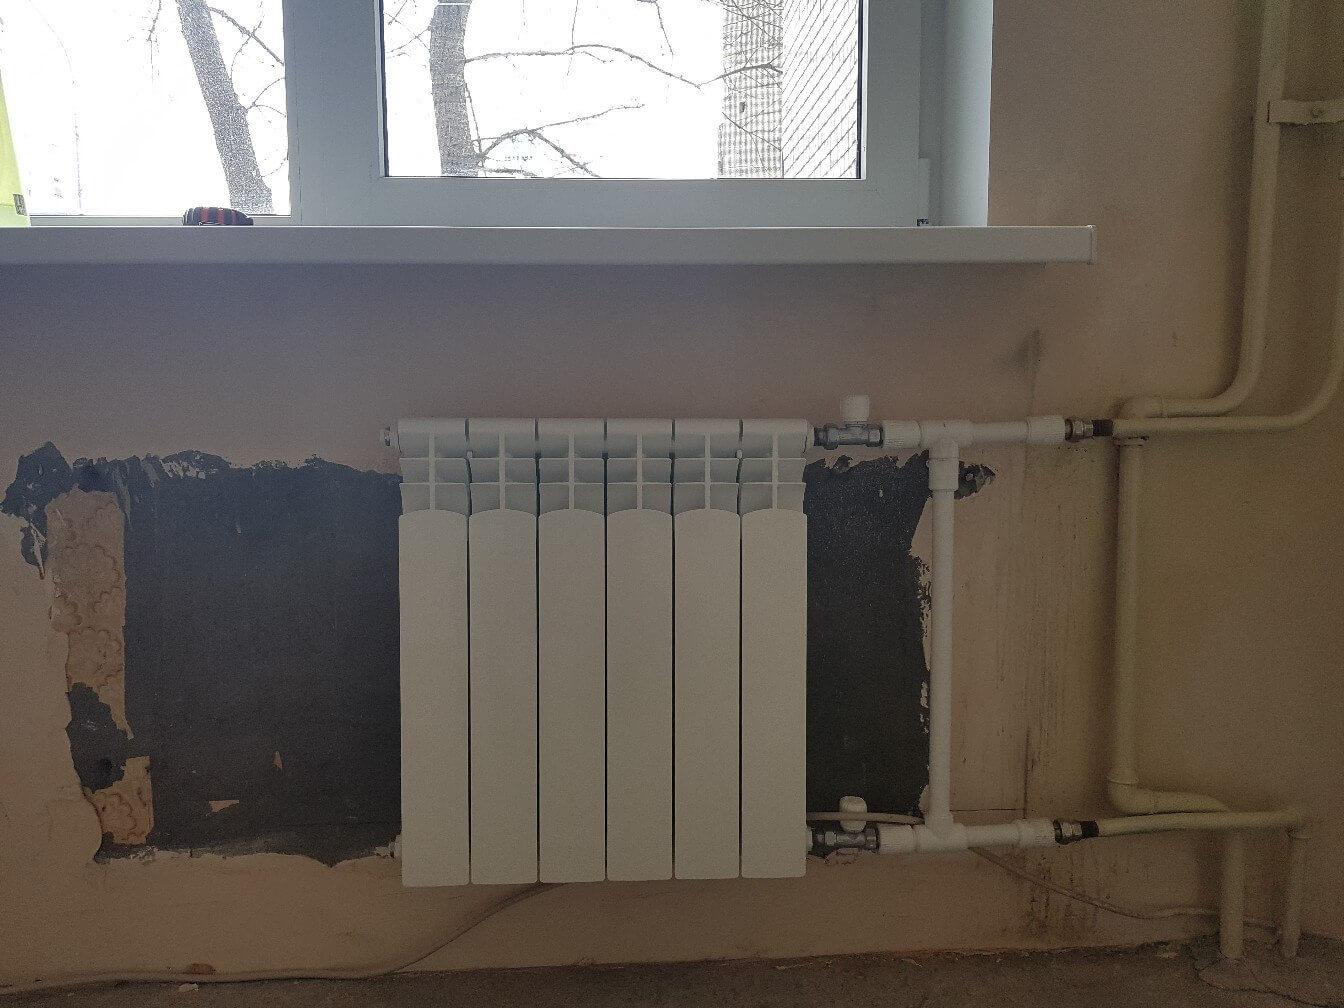 20181904-zamena-radiatora-otopleniya-1.jpg